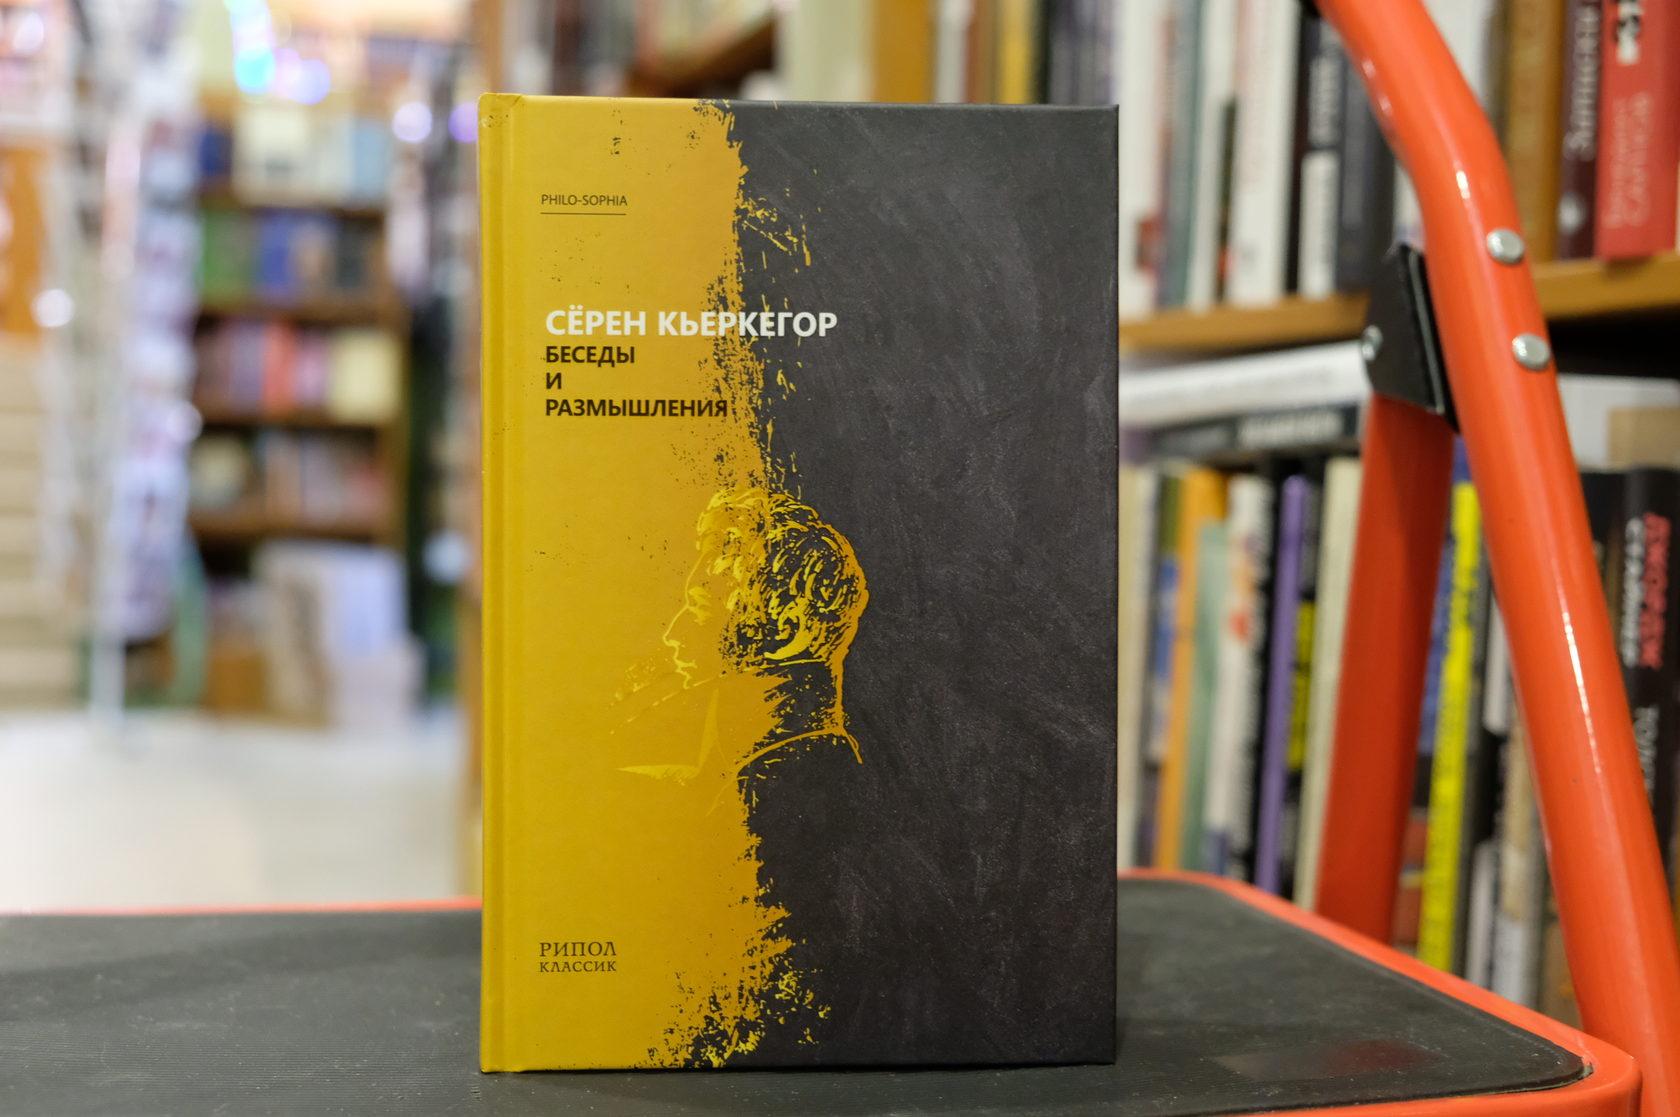 Купить книгу Серен Кьеркегор «Беседы и размышления» 978-5-386-10661-4, Рипол Классик